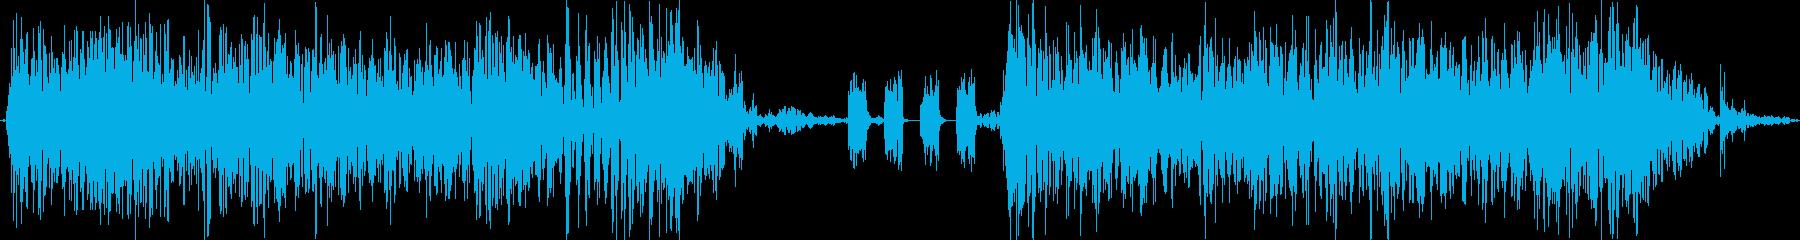 サウンドロゴ_インパクト血気盛BASSの再生済みの波形